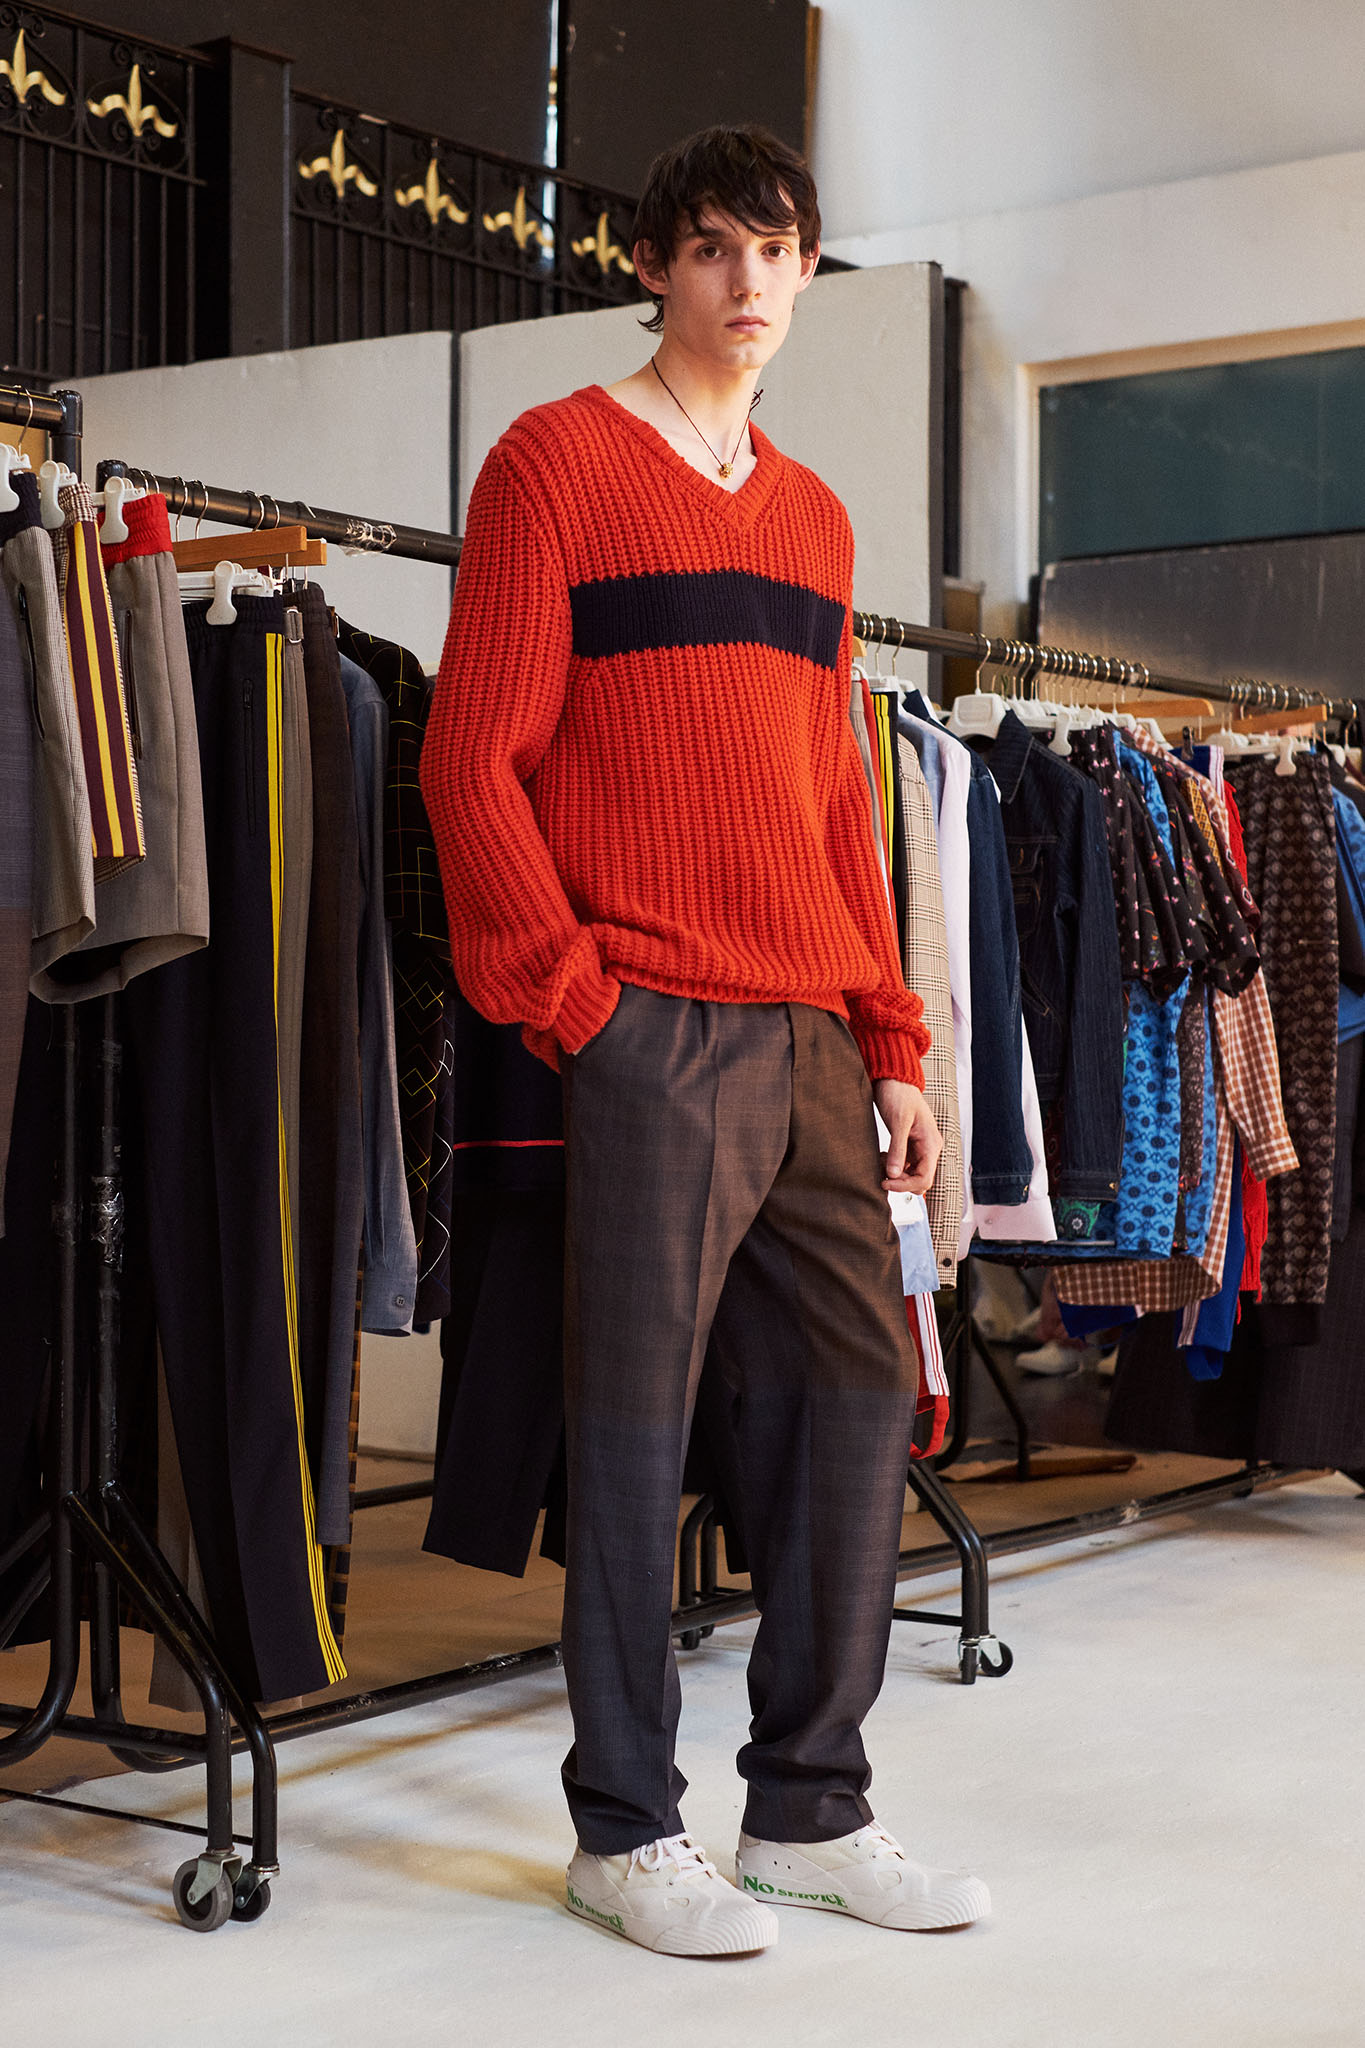 A model in a Stella McCartney Men's Spring 2018 look.